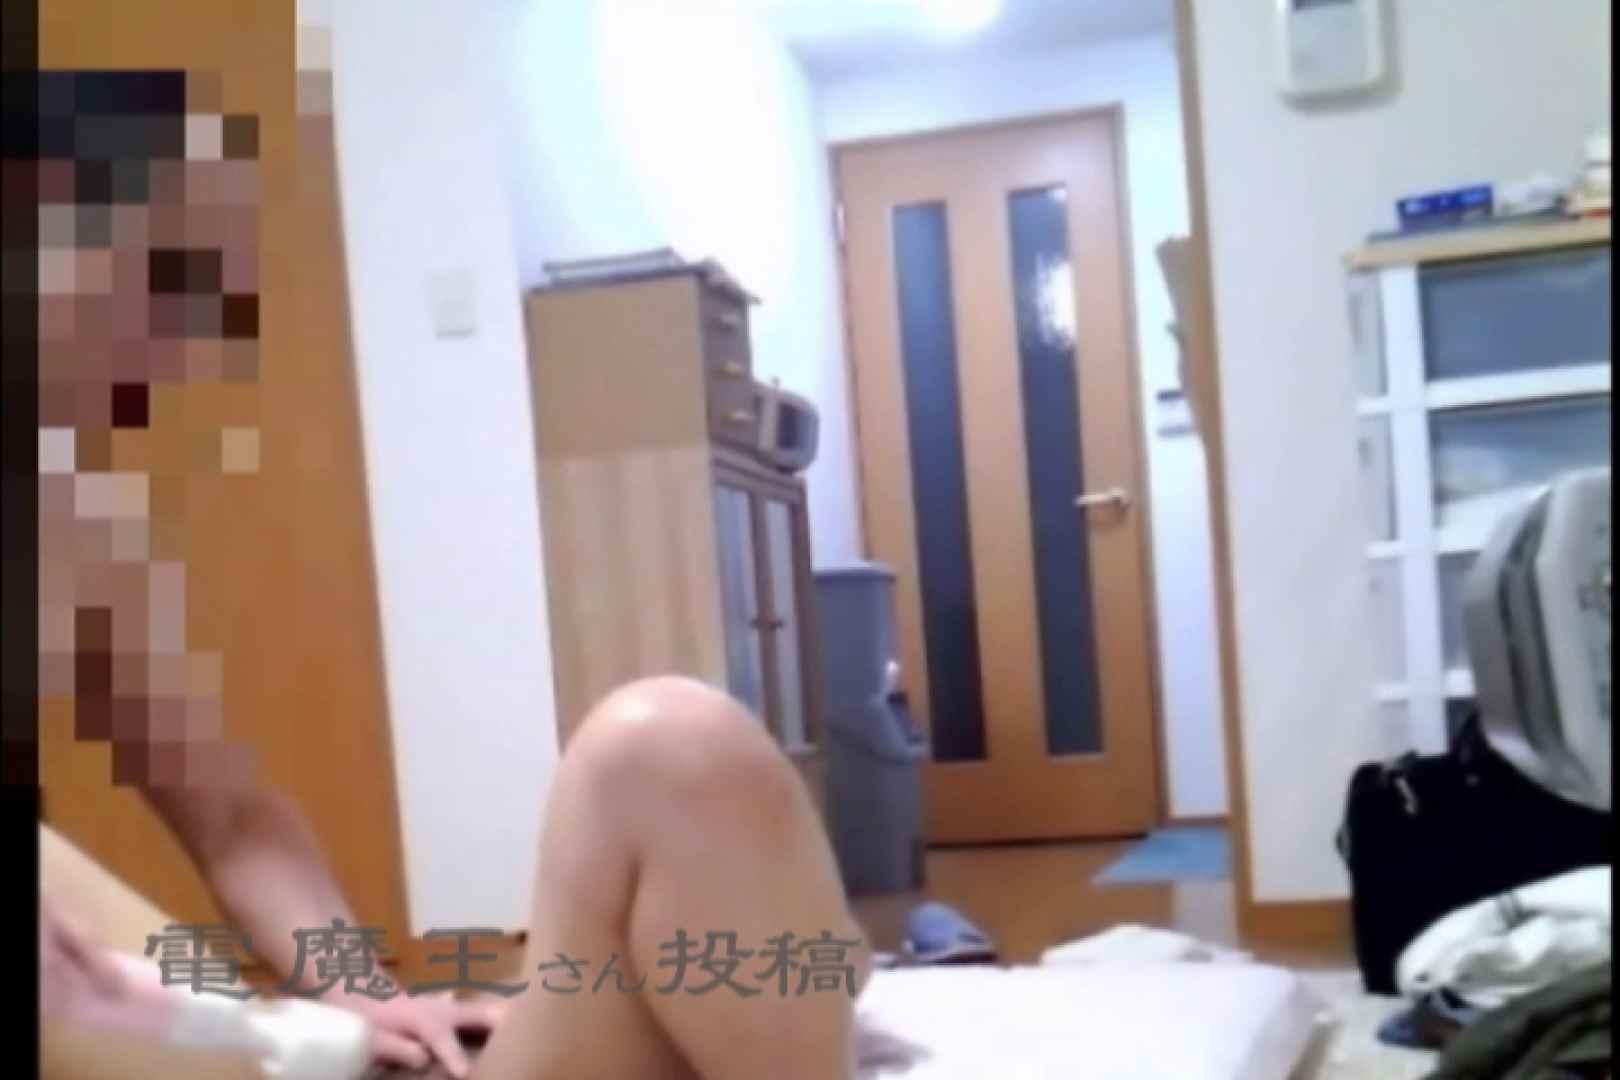 電魔王さんの「隠撮の部屋」ケイ 隠撮  84連発 64